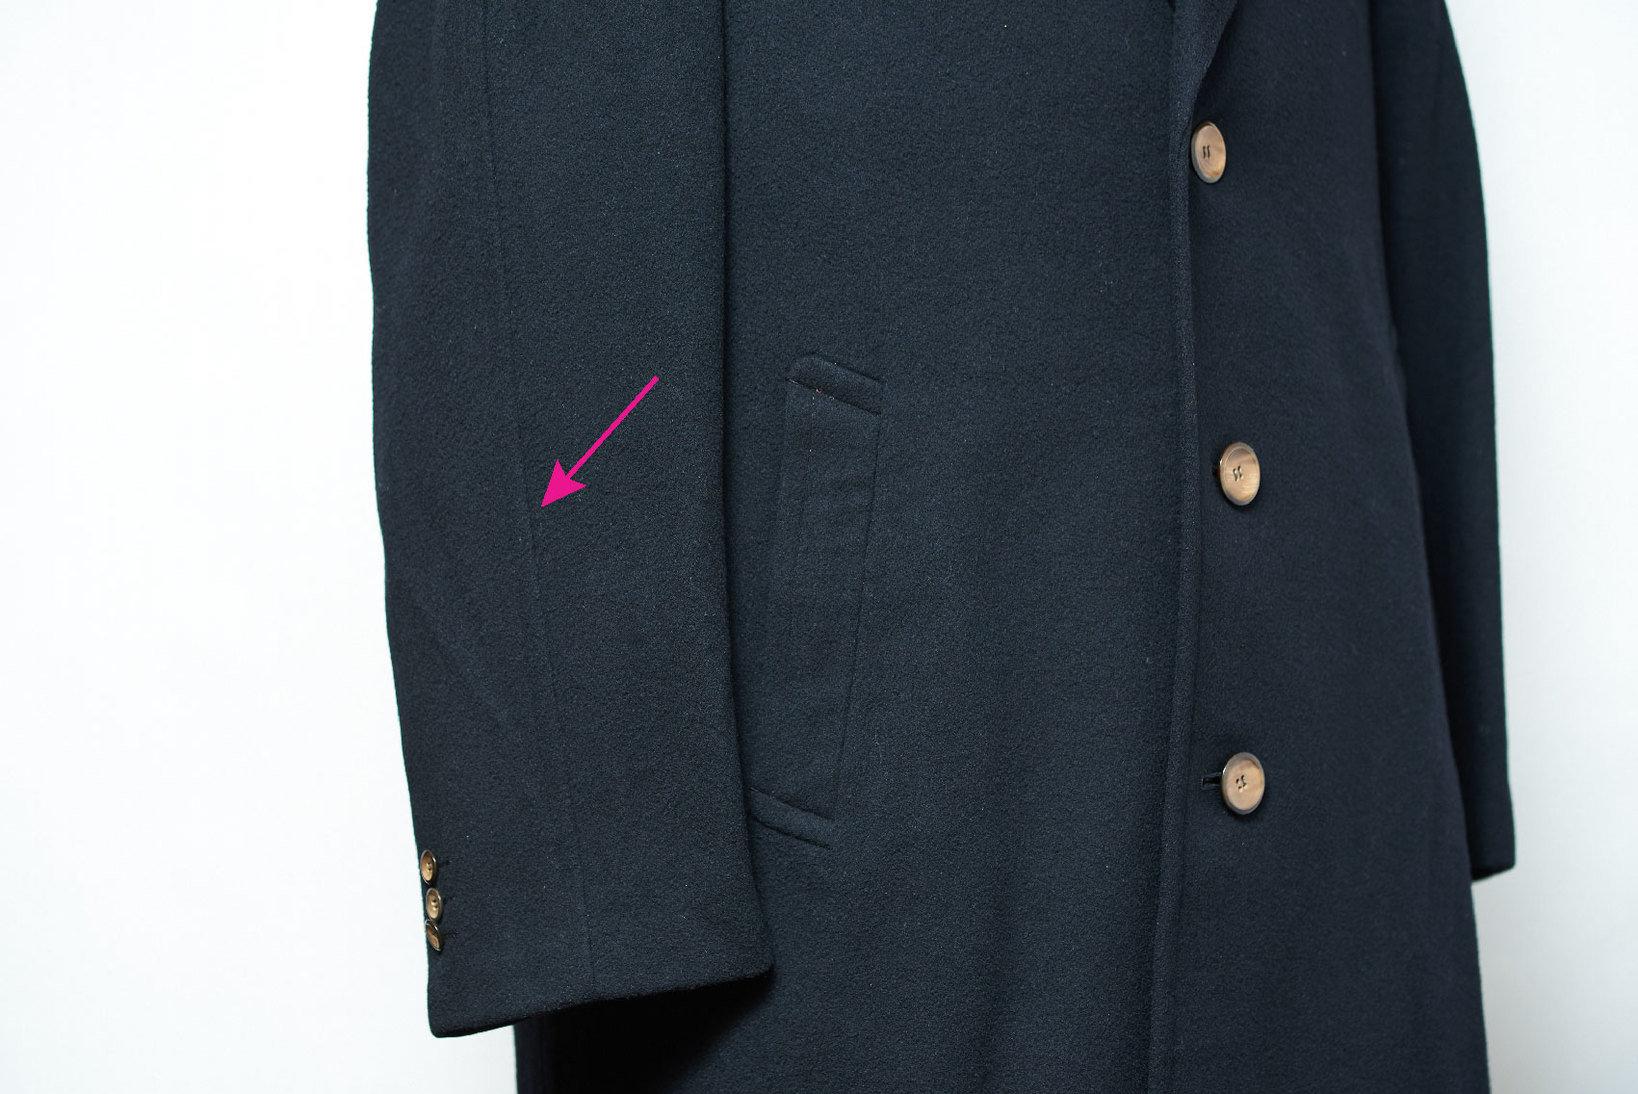 セミラグランスリーブには外袖の中心部に肩線の延長線が上下に貫通する。